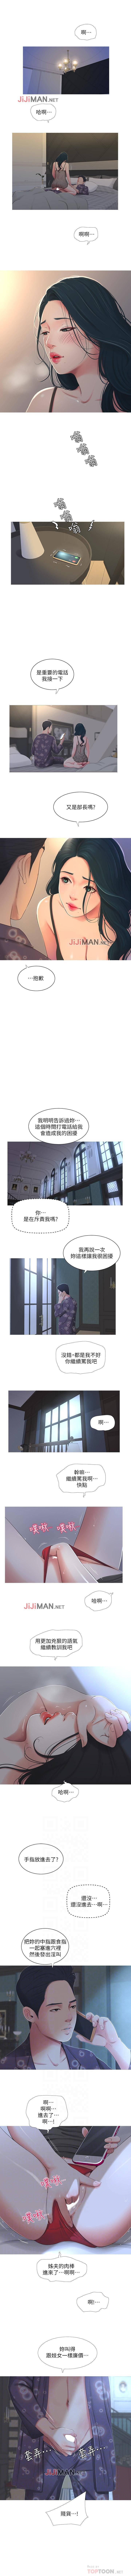 【周四连载】亲家四姐妹(作者:愛摸) 第1~31话 13